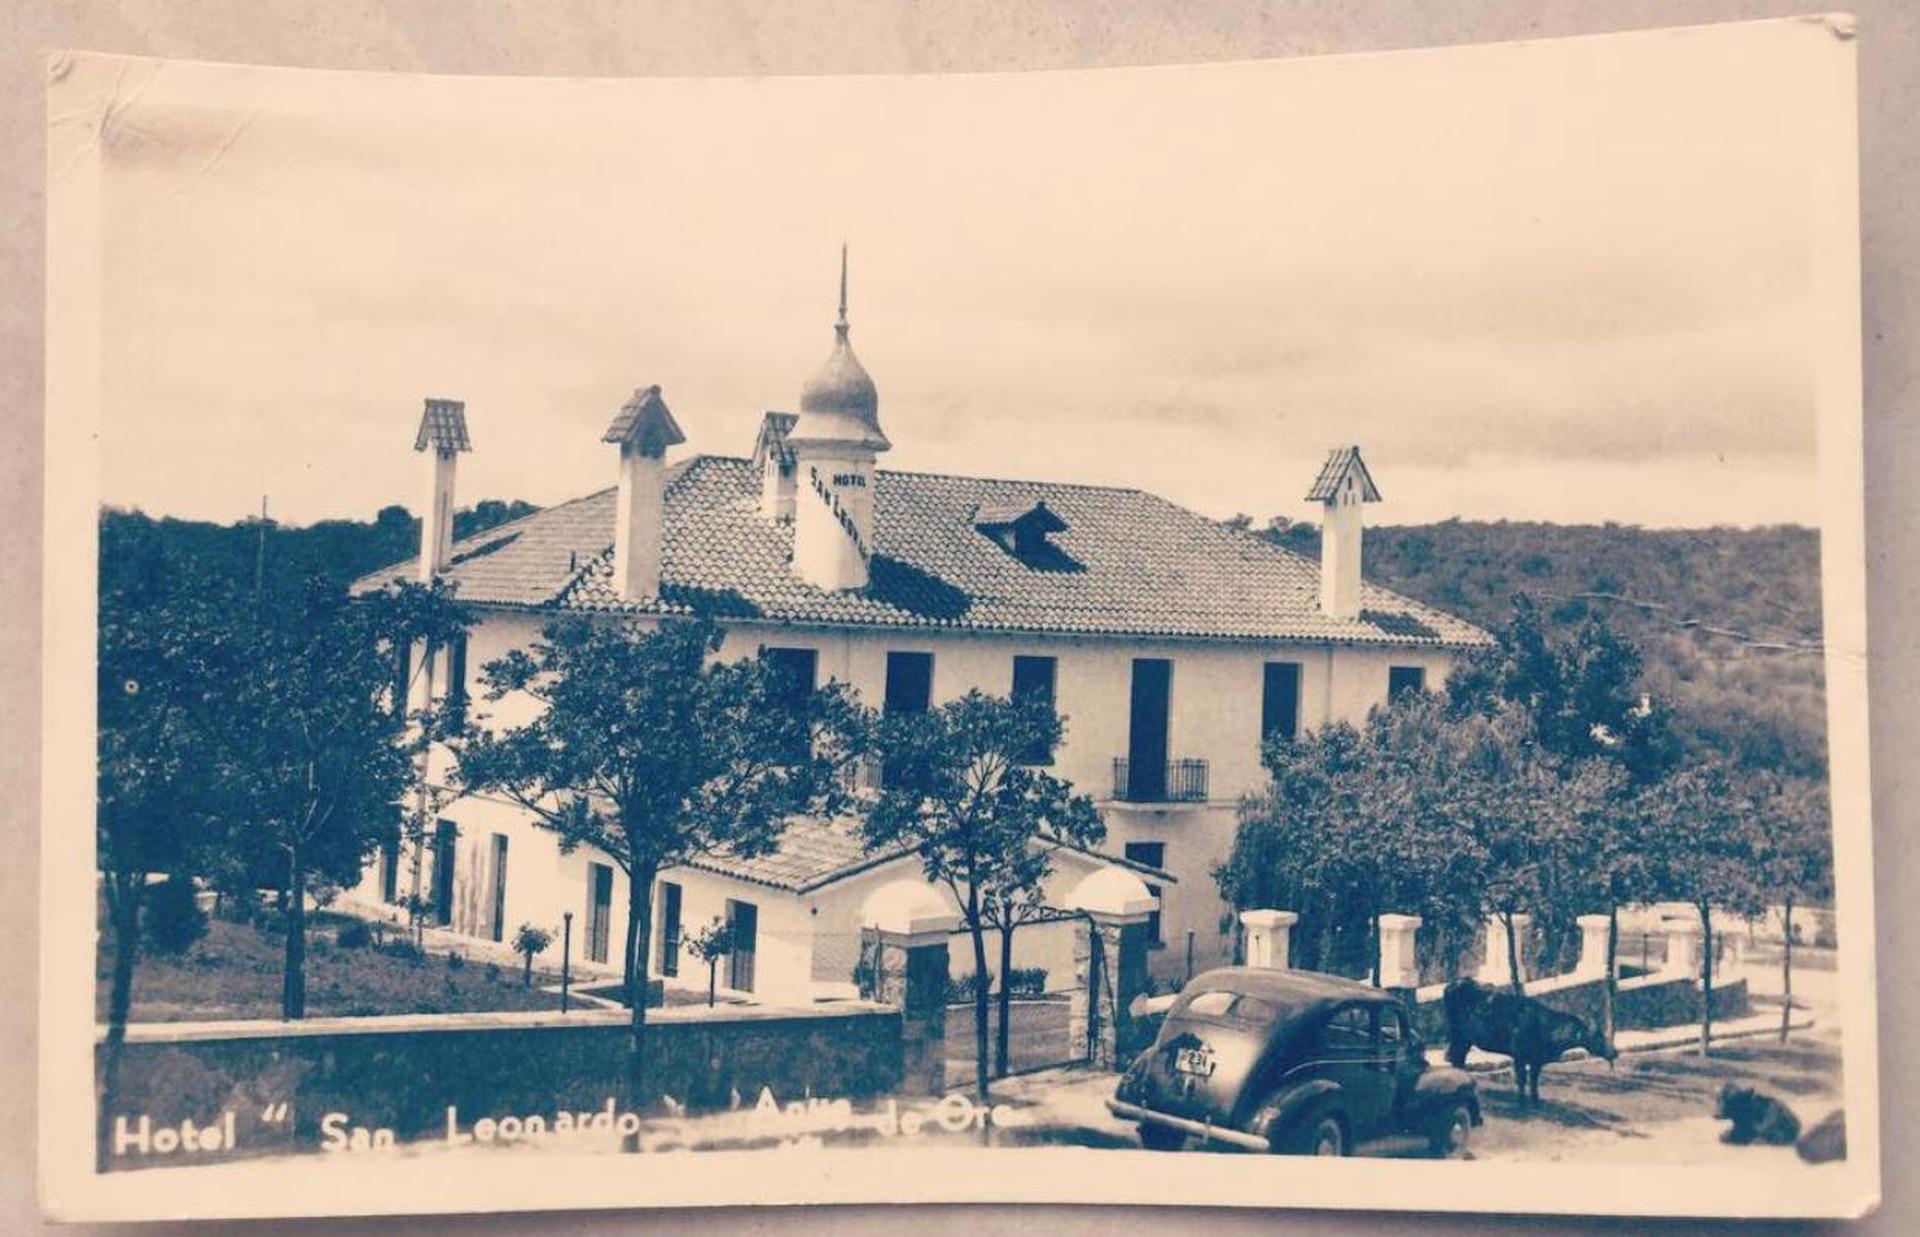 Imagen de época del primer hotel San Leonardo. Estaba a cargo de Palmira Figliosi, y su marido don Ciro.